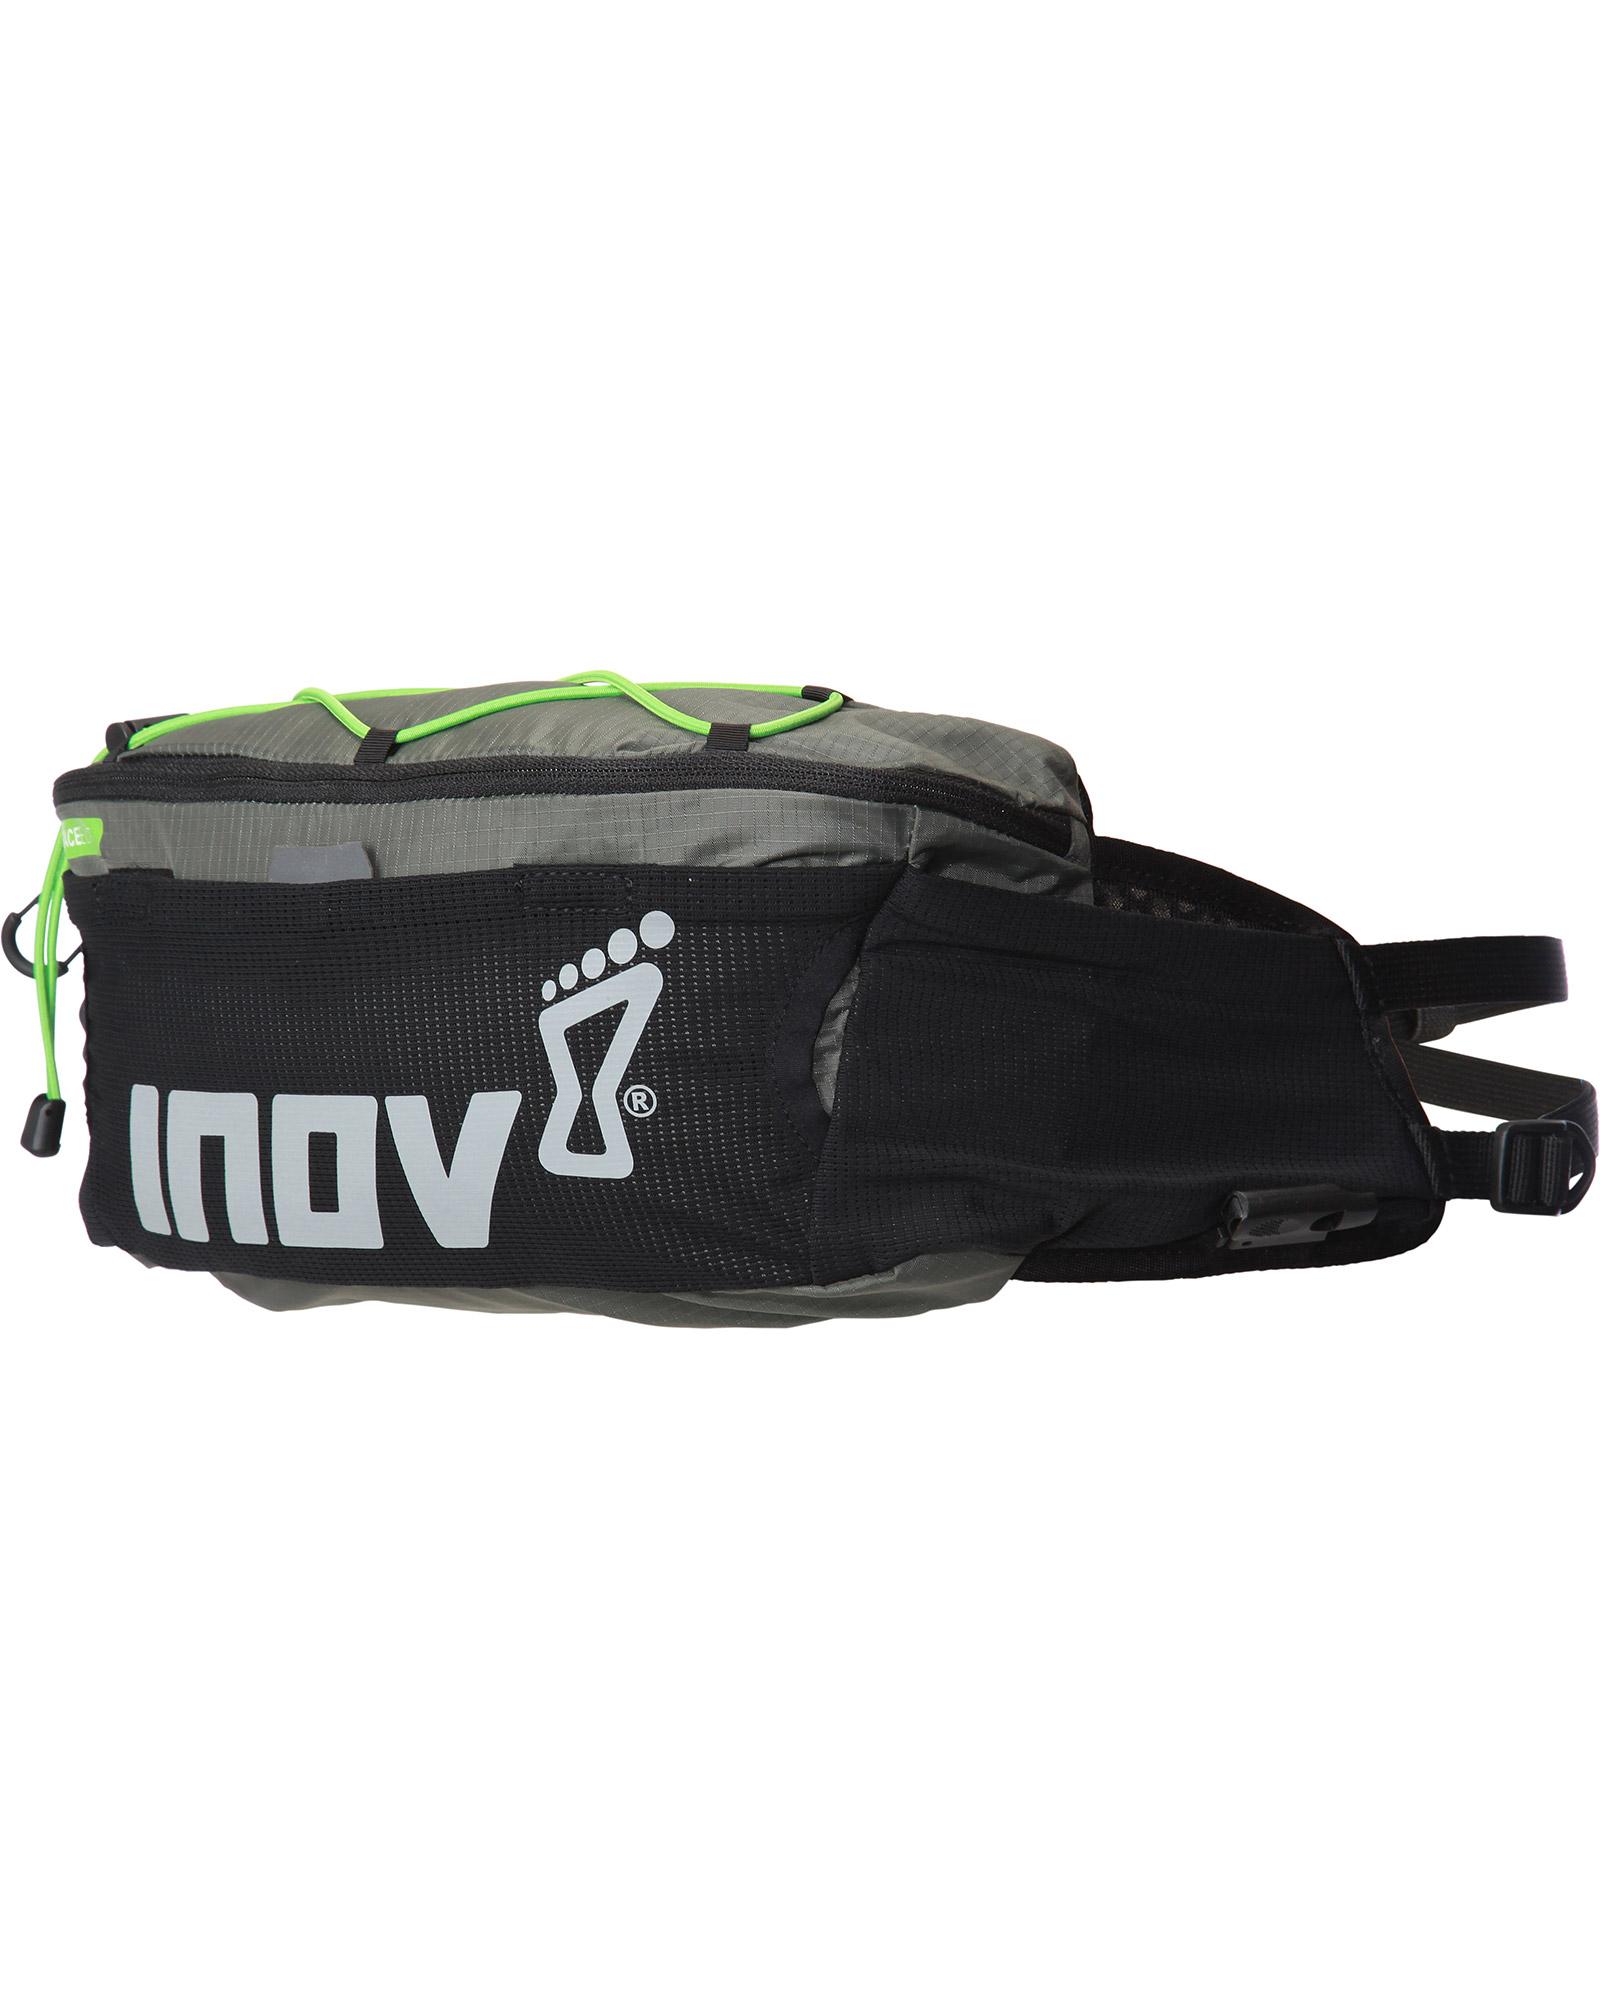 Inov-8 Race Elite Waist Pack 0